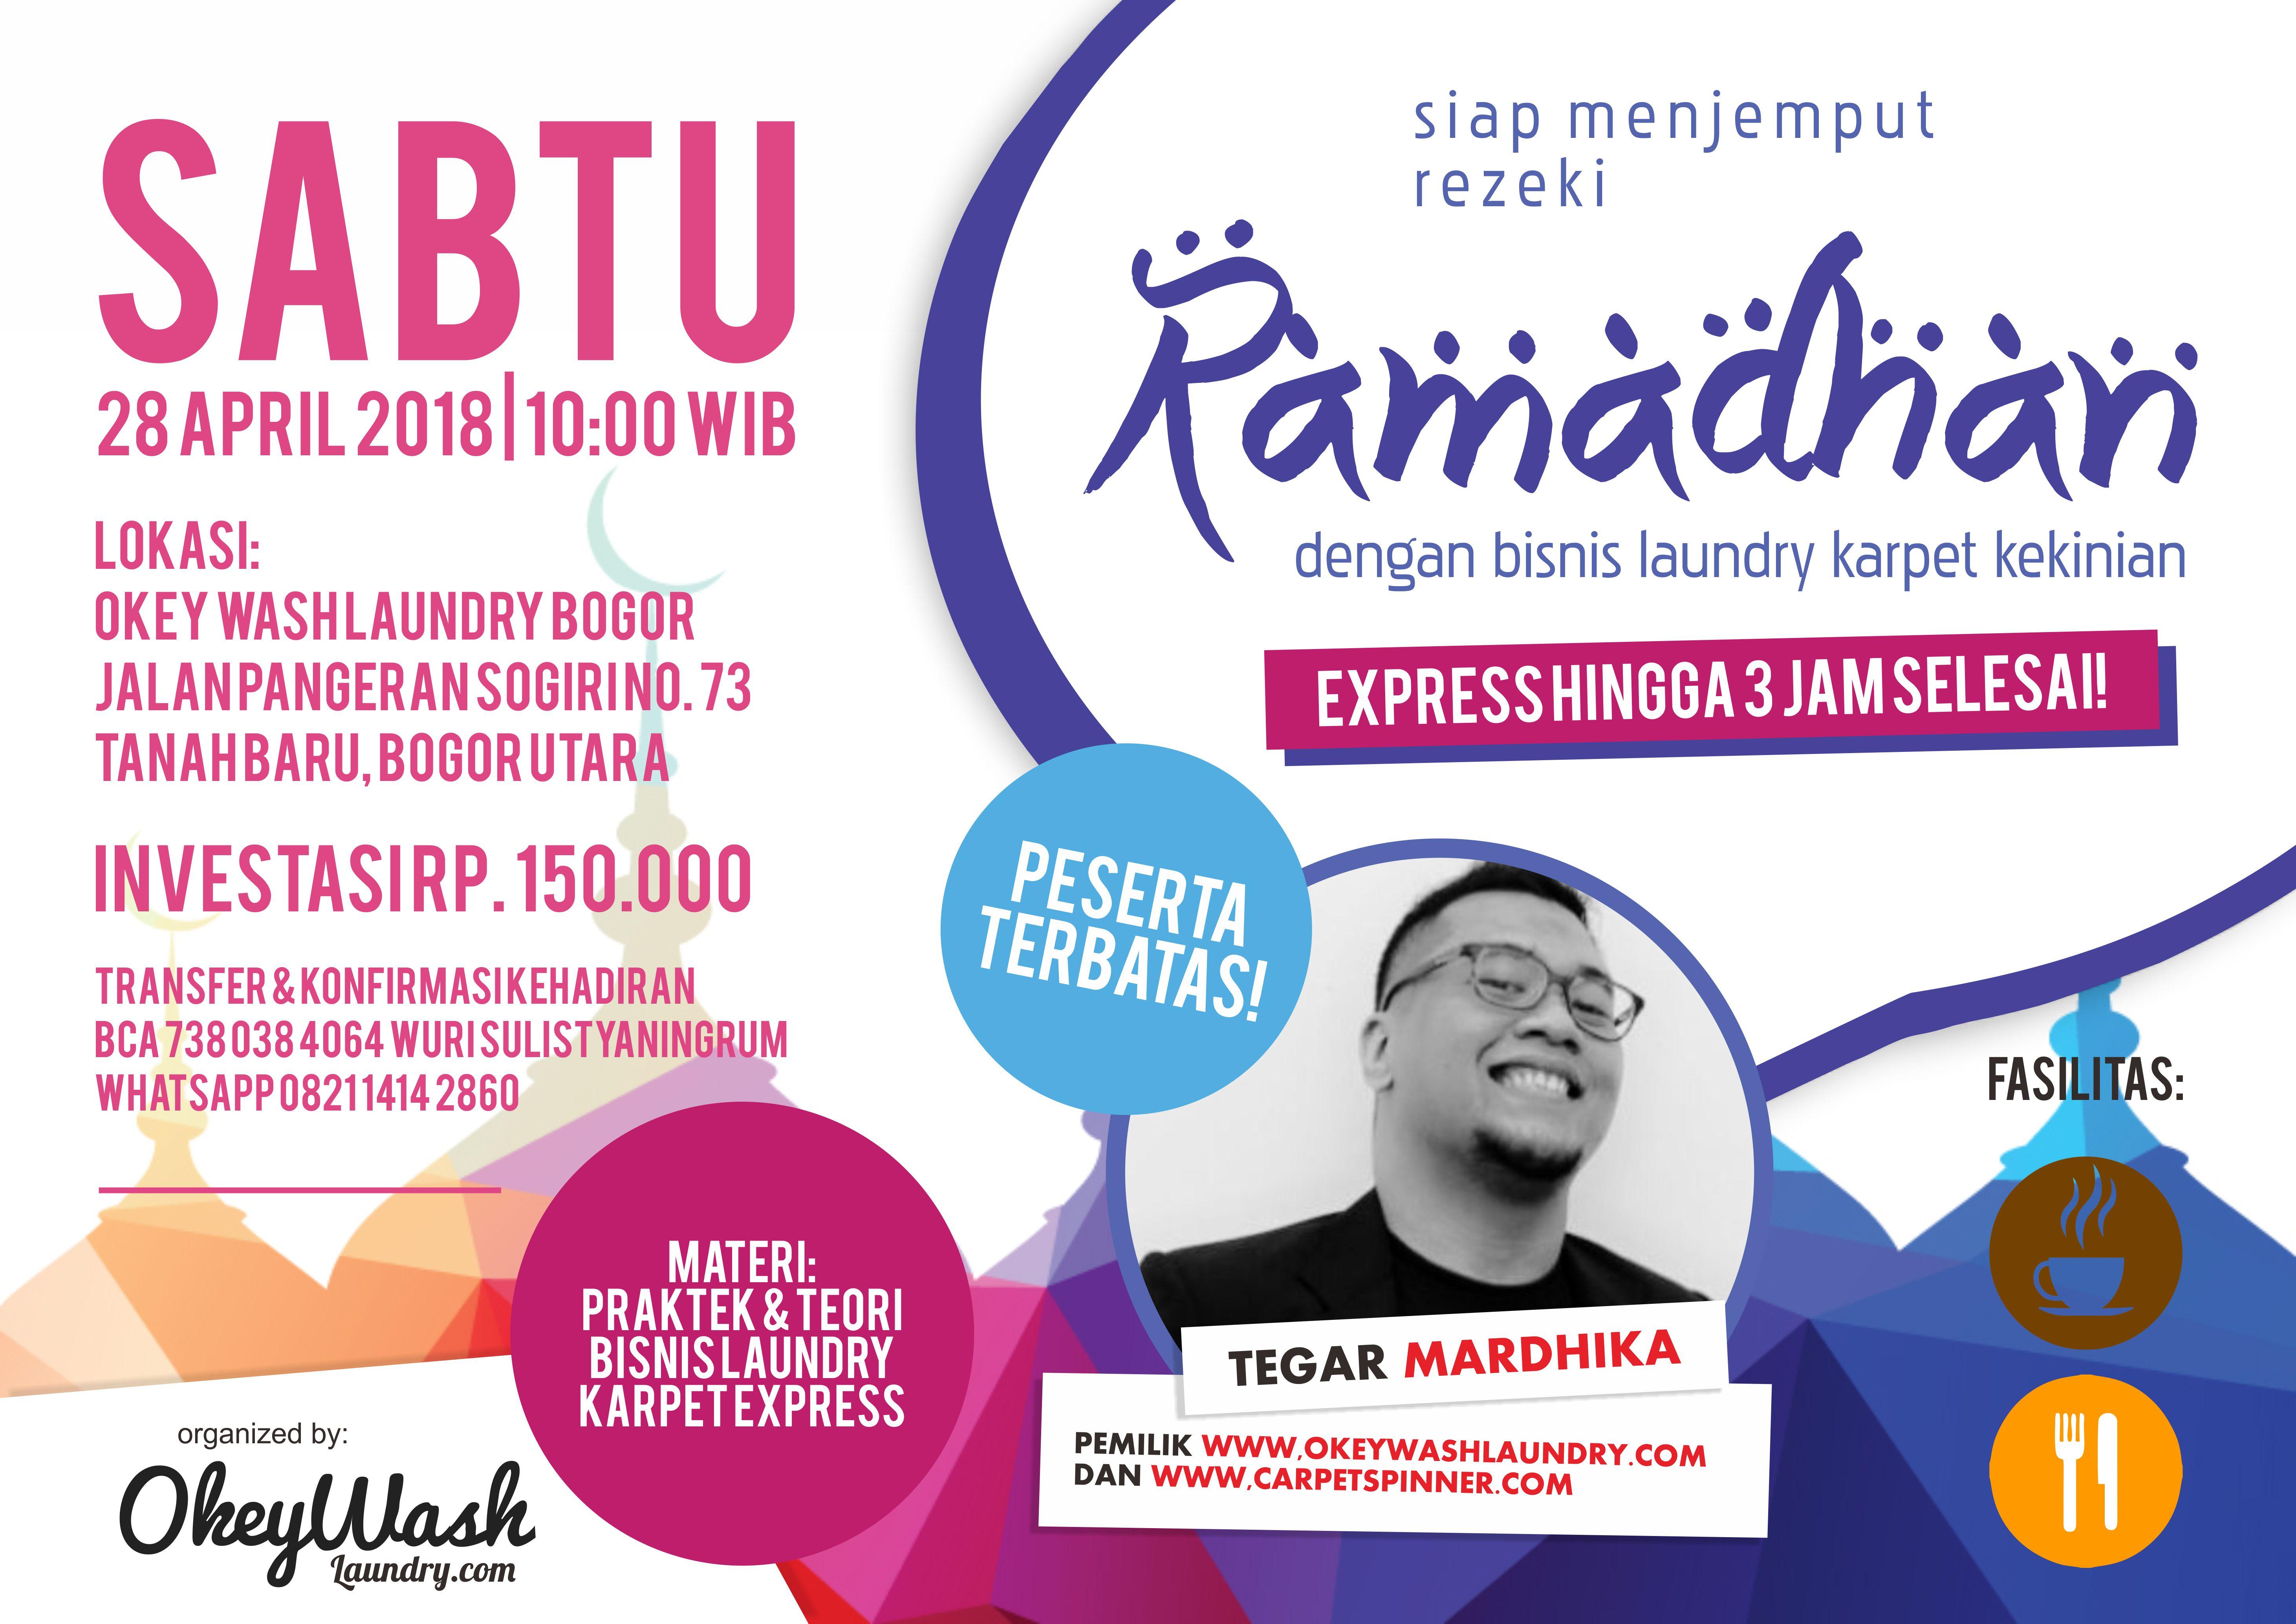 Workshop Siap Menjemput Rezeki Ramadhan dengan Bisnis Laundry Karpet Kekinian, 28 April 2018.